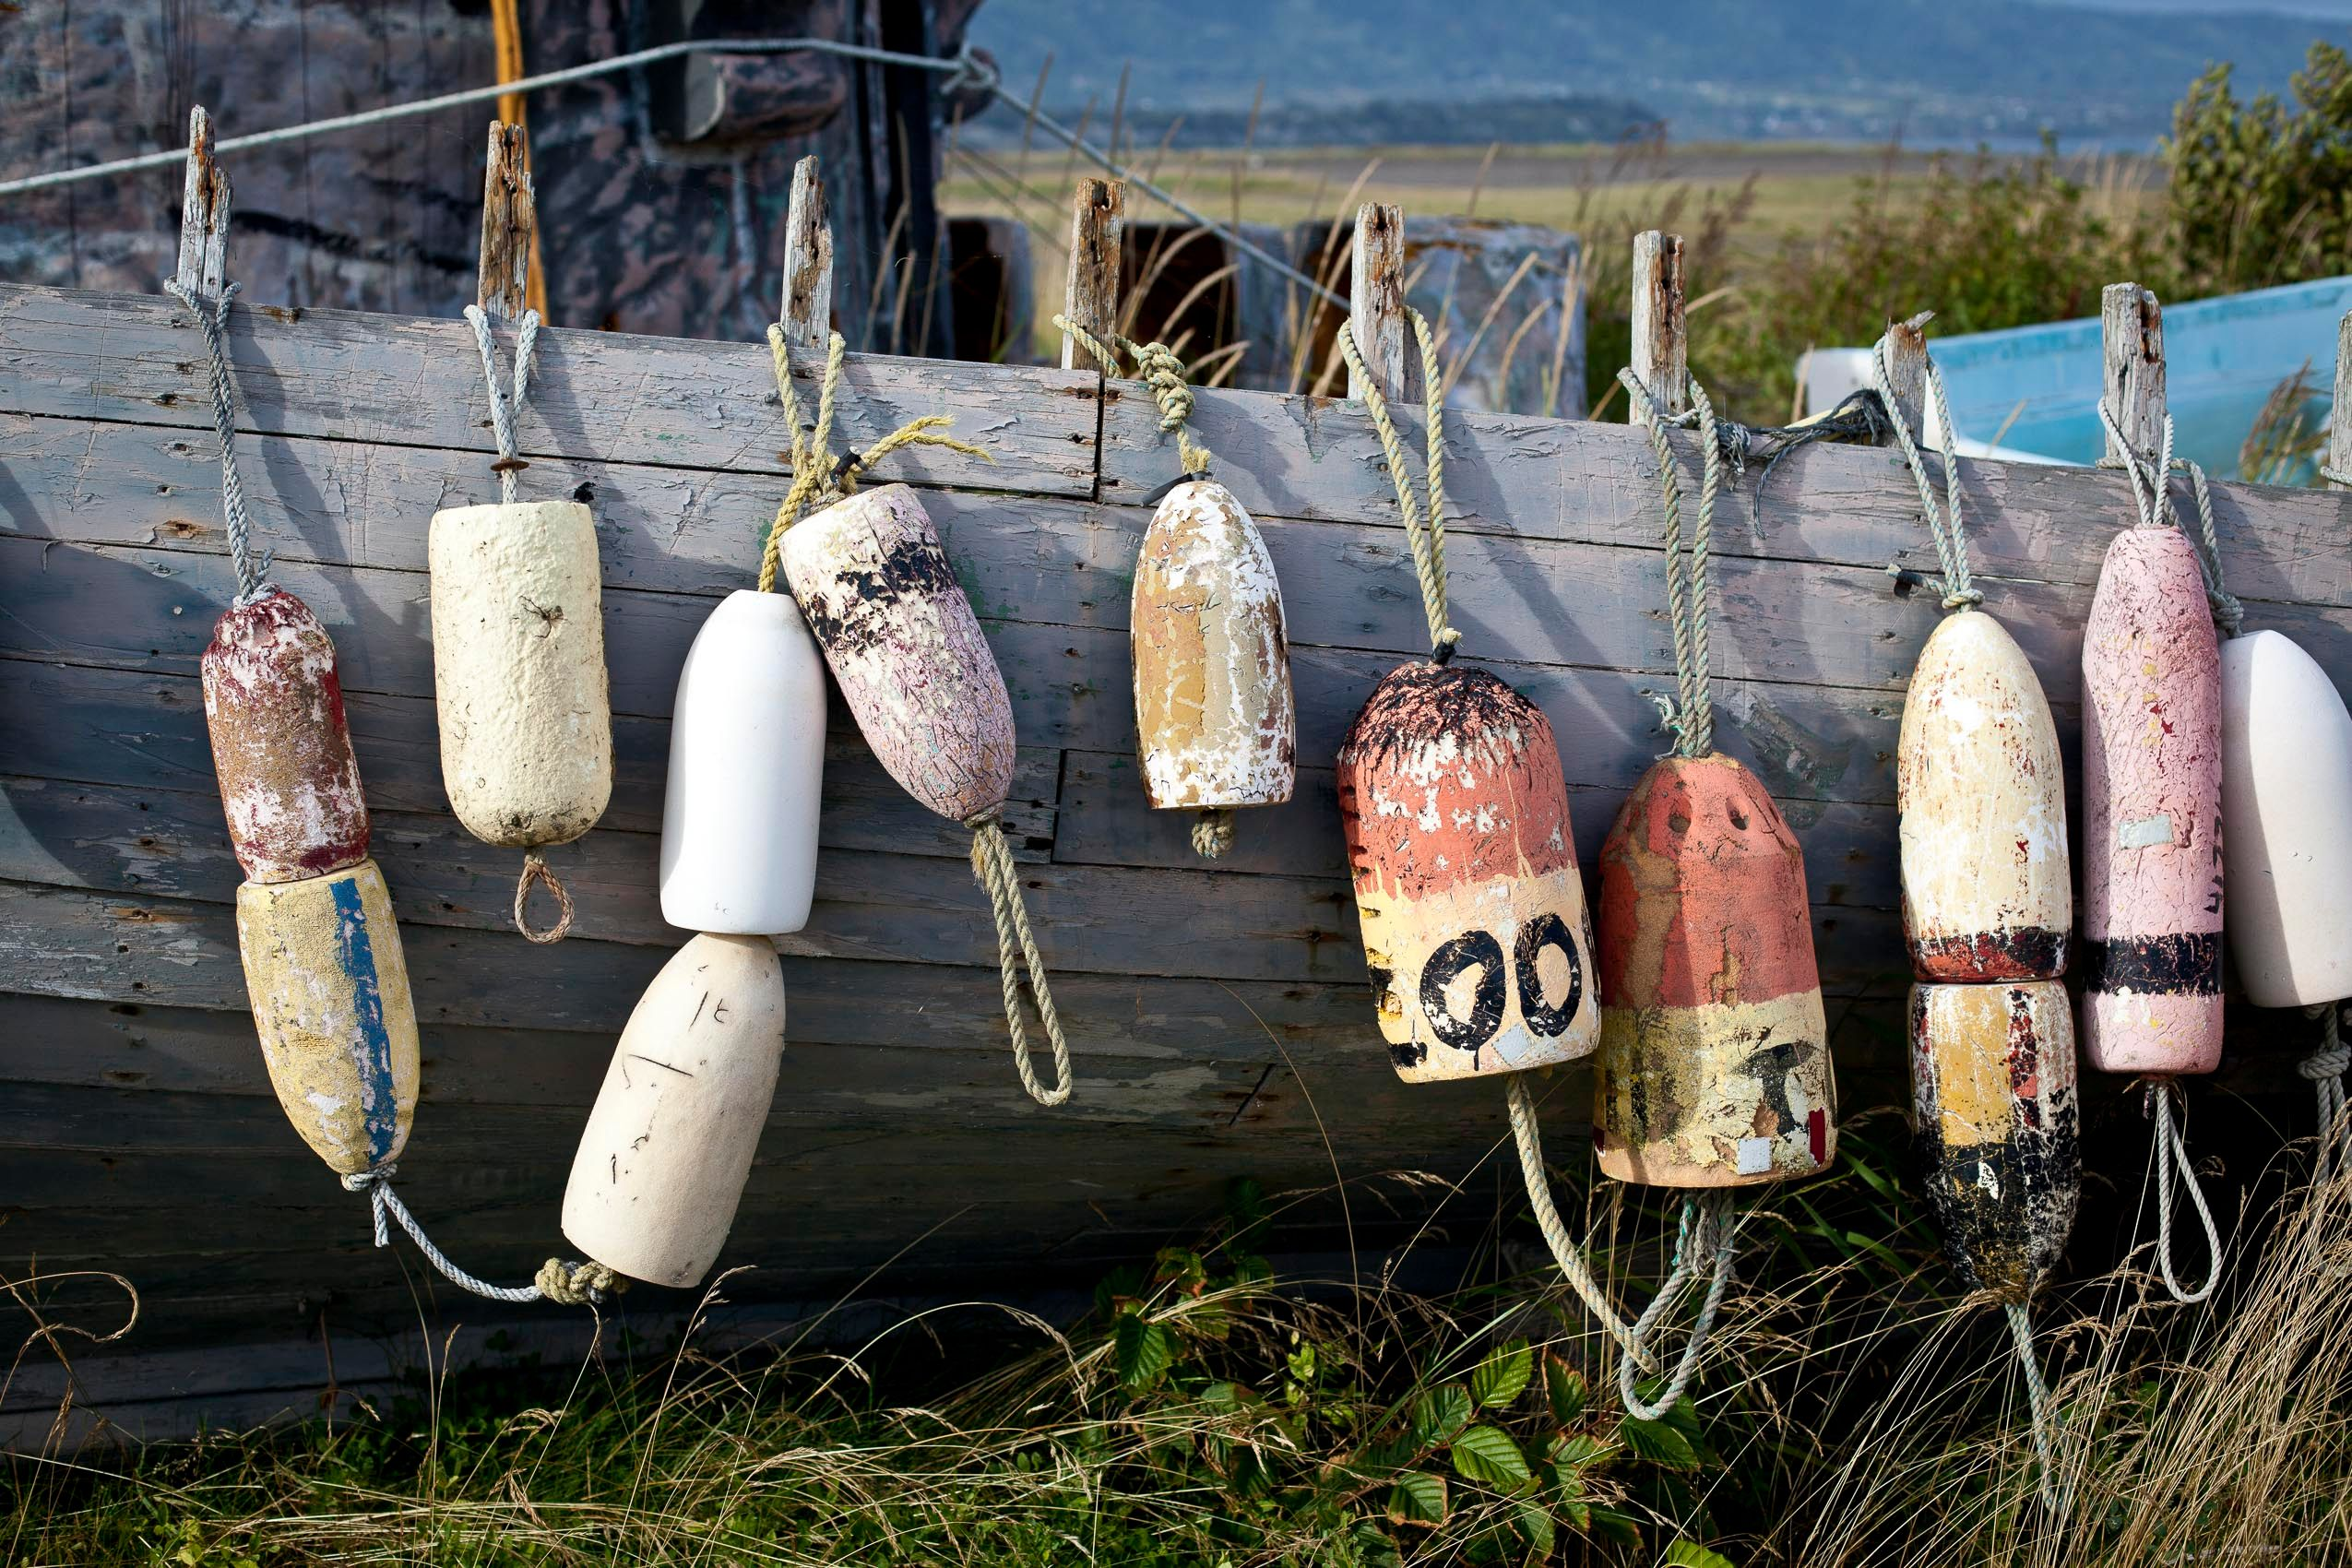 alaska_kenai_peninsula_buoys.jpg